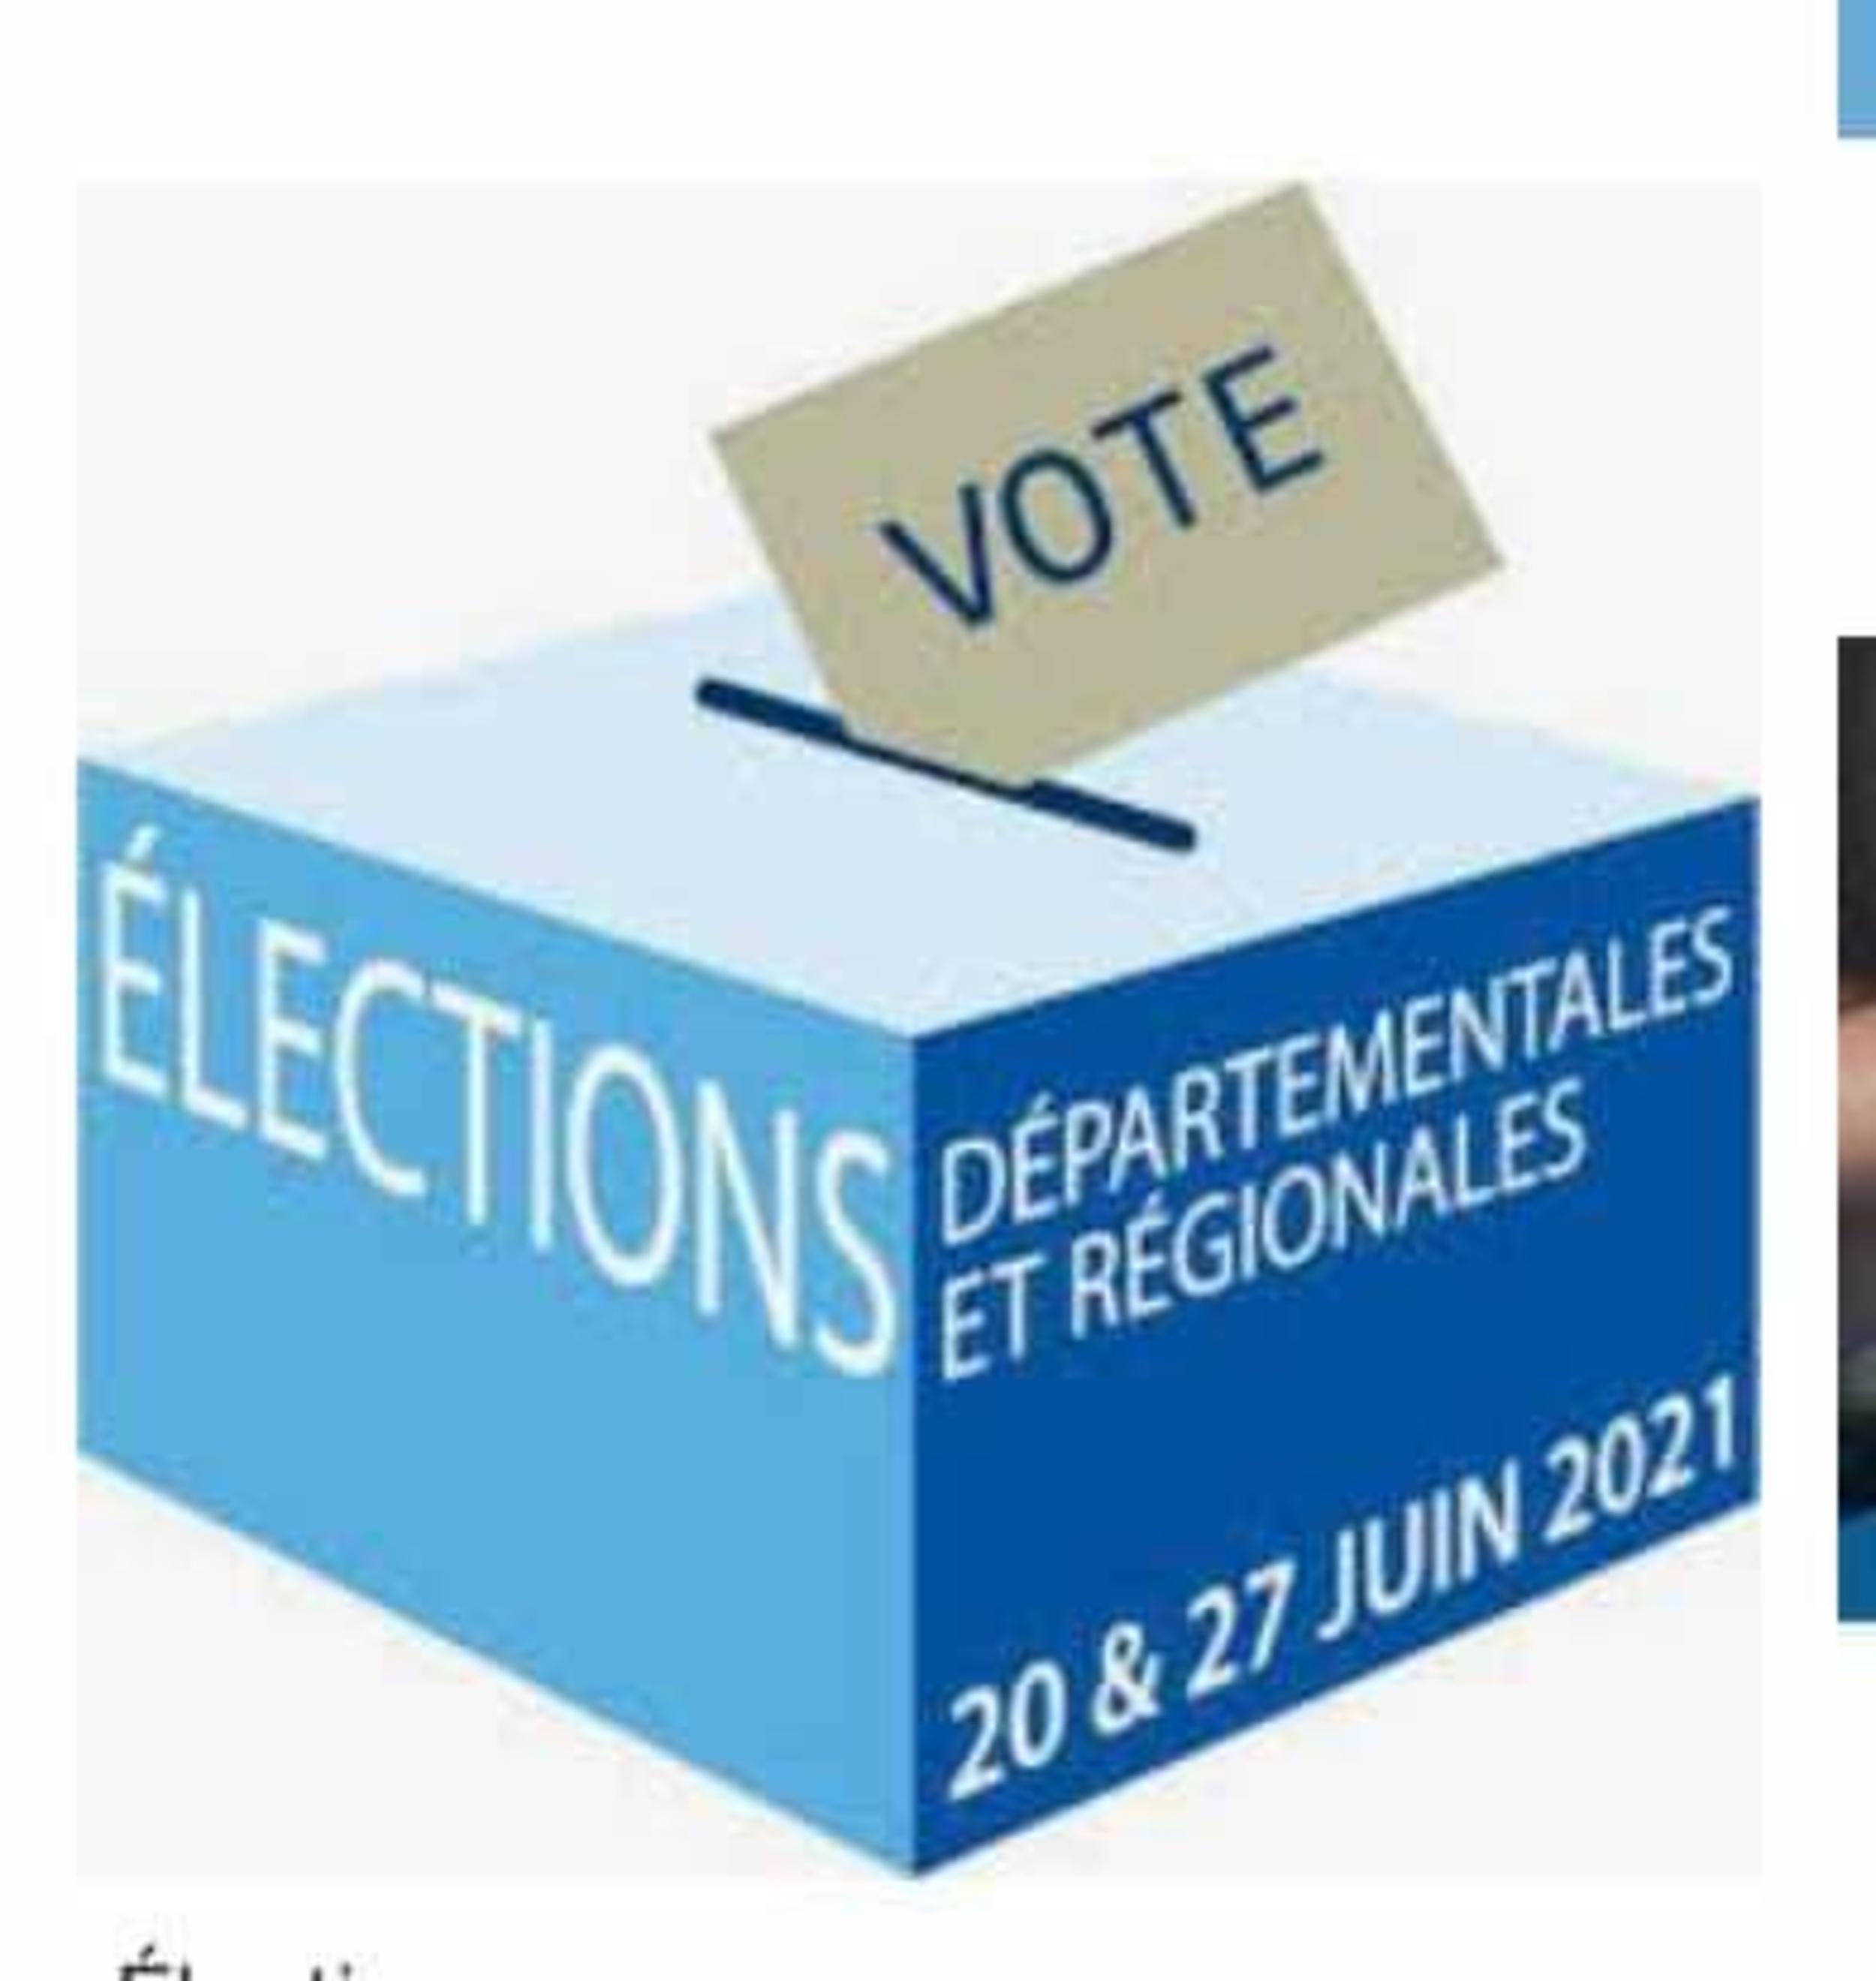 Élections du 20 et 27 Juin